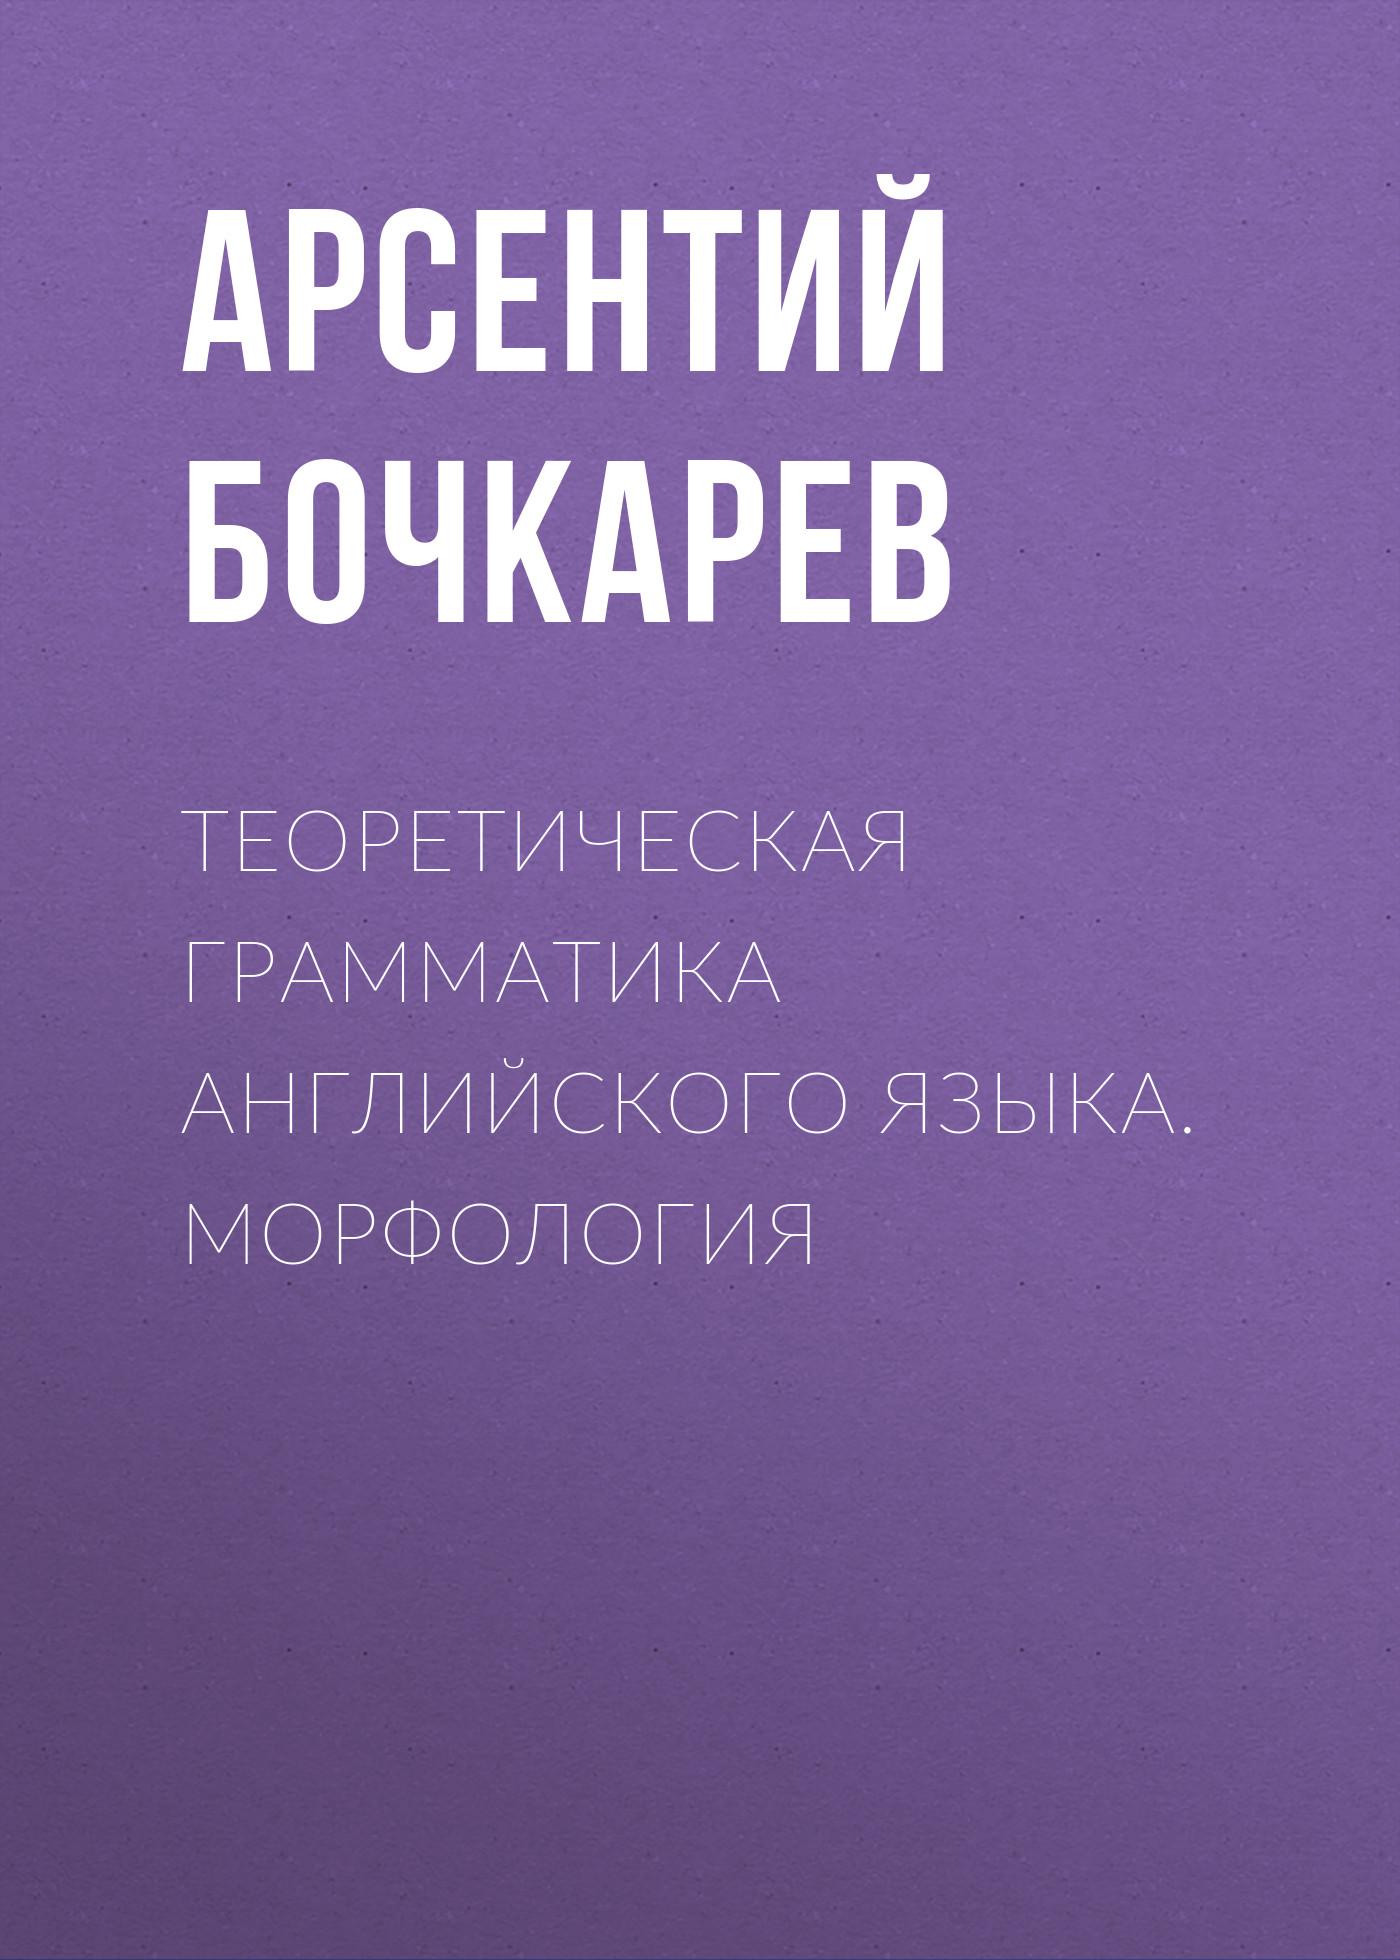 Арсентий Бочкарев Теоретическая грамматика английского языка. Морфология цена